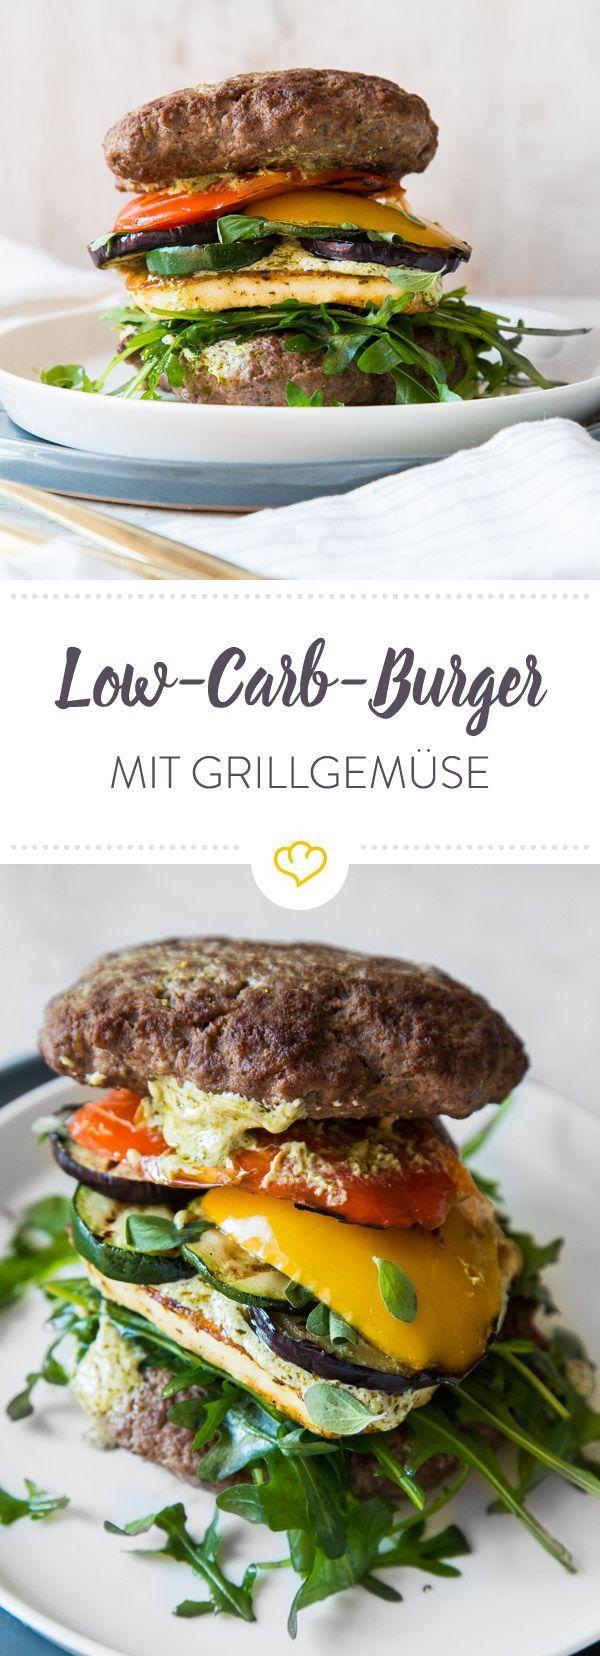 Dein Burger braucht keine Buns. Dein Low-Carb-Burger braucht Halloumi, Grillgemüse, Rucola, Pesto-Sauce und zwei extra große Beef-Patties.